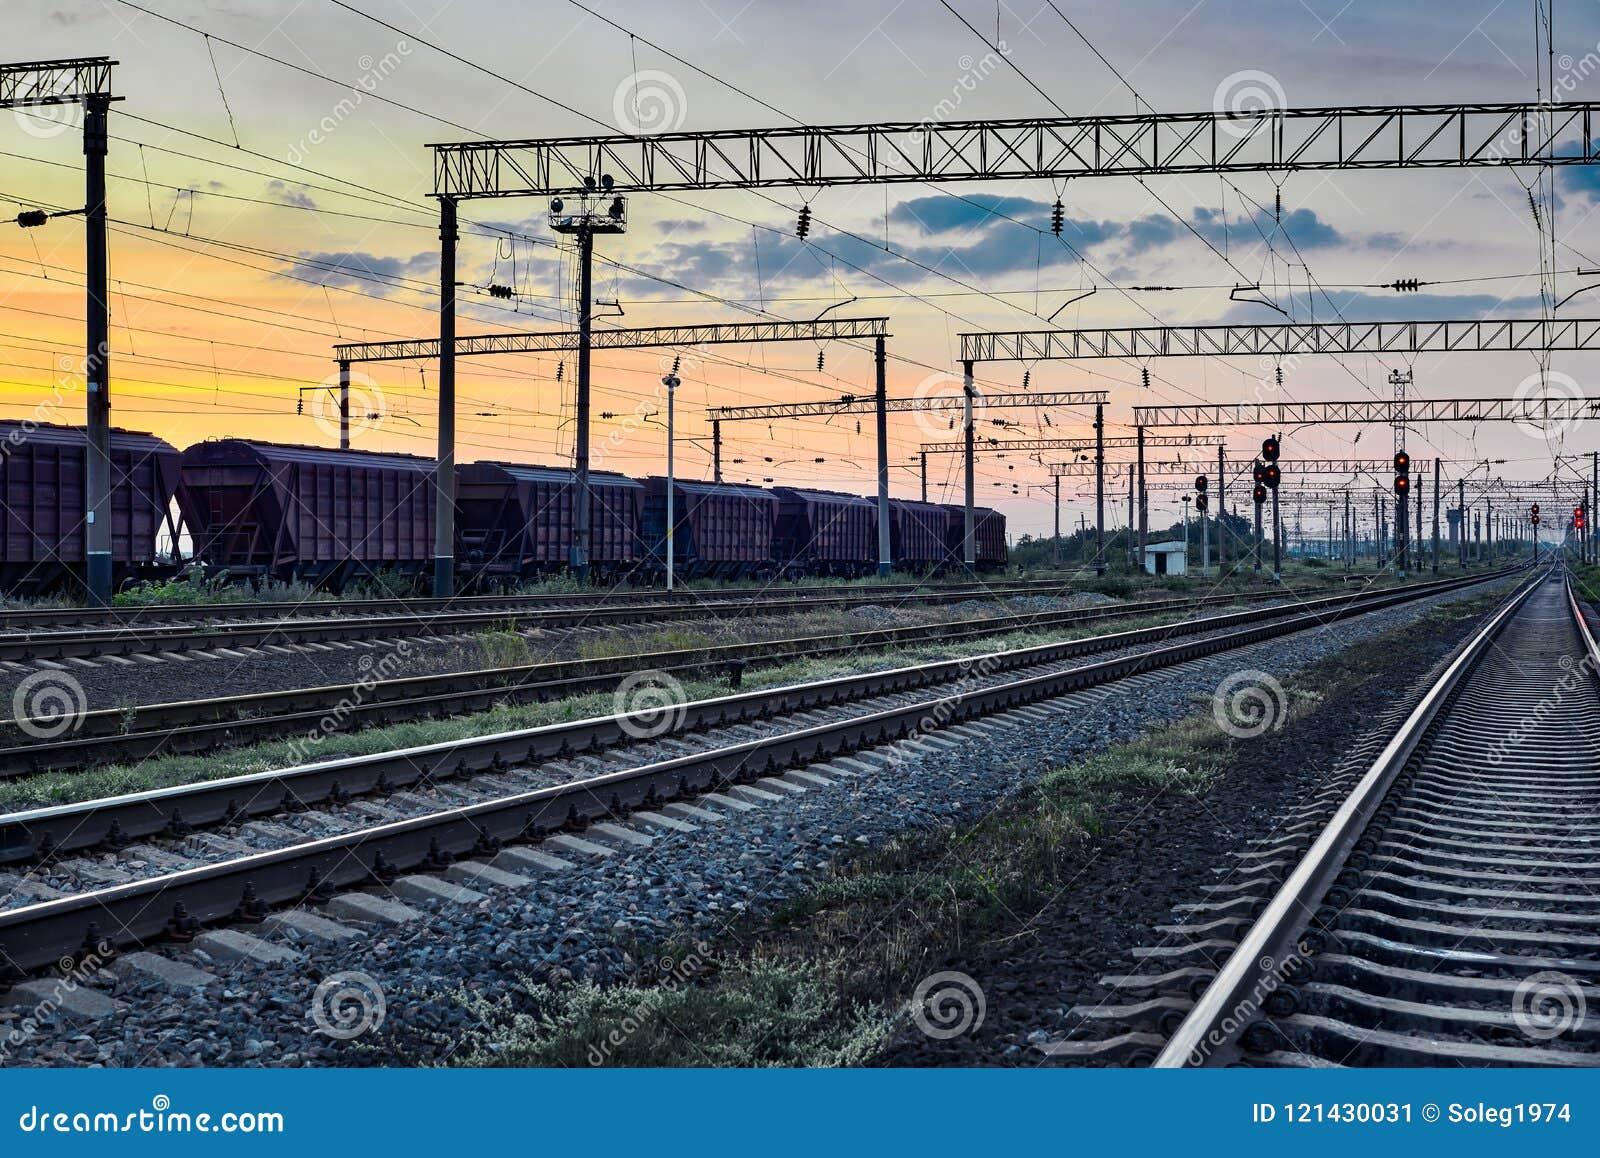 Railcar voor droge lading tijdens mooie zonsondergang en kleurrijke hemel, spoorweginfrastructuur, vervoer en industrieel concept